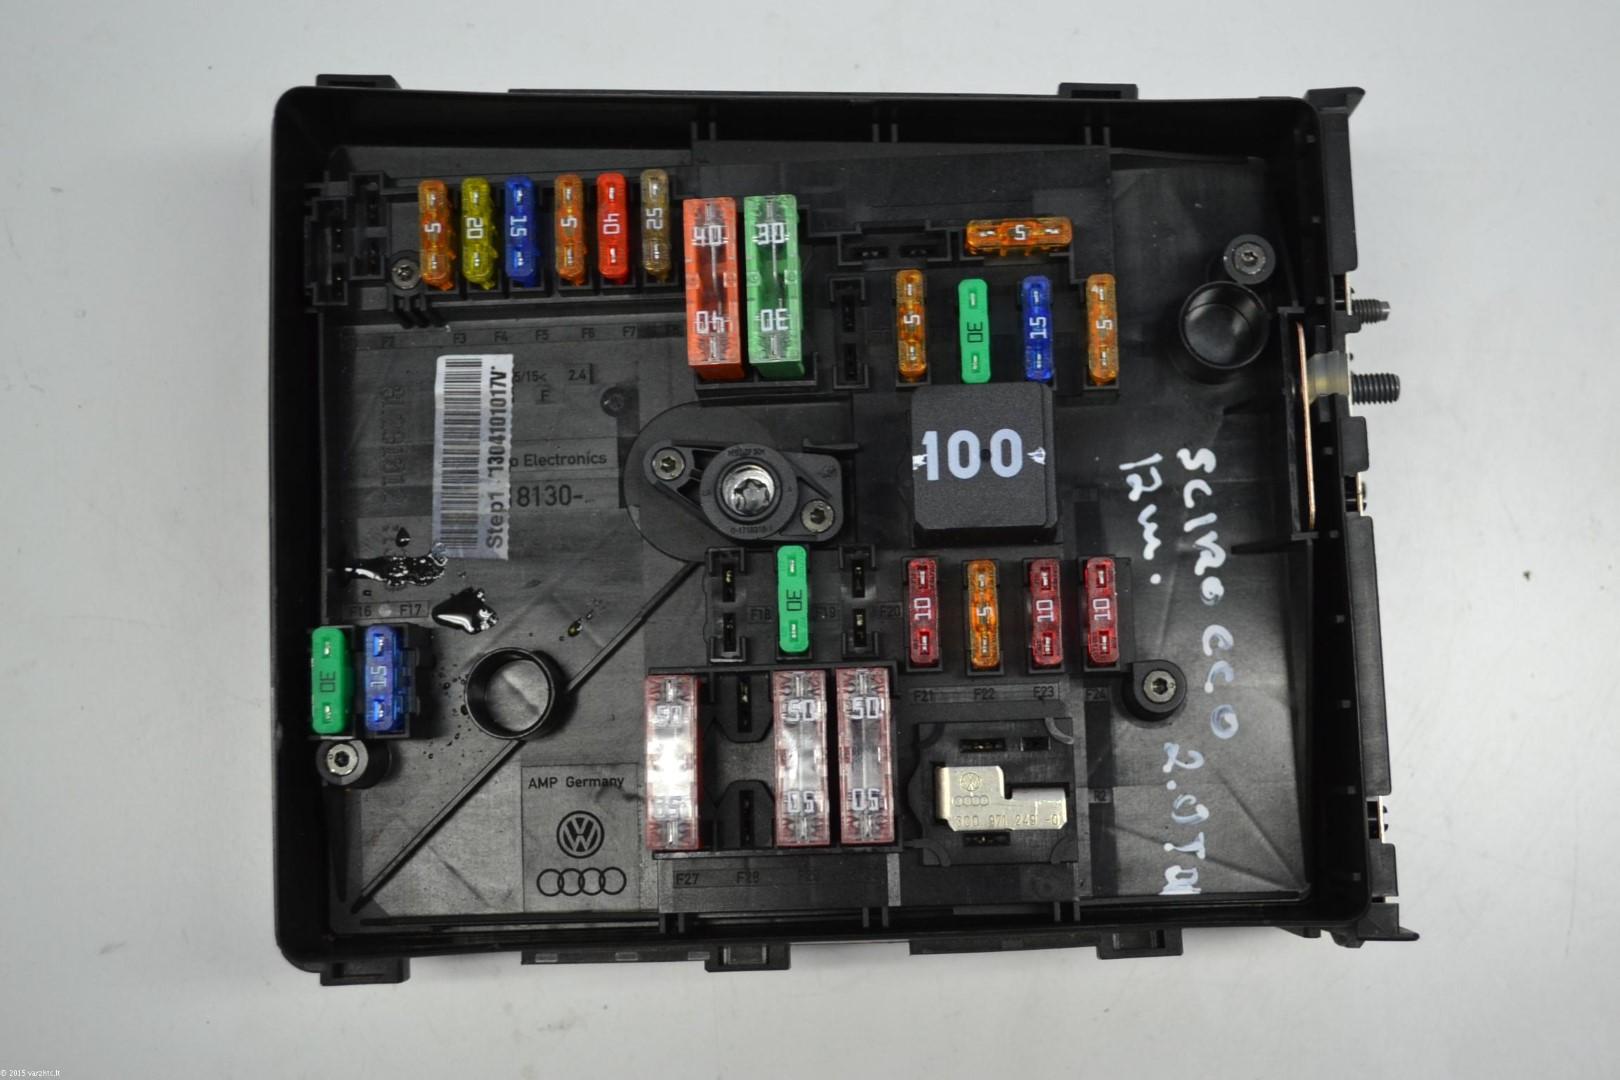 Vw Scirocco 2012 Rhd Engine Bay Fuse Box 1k0937629a